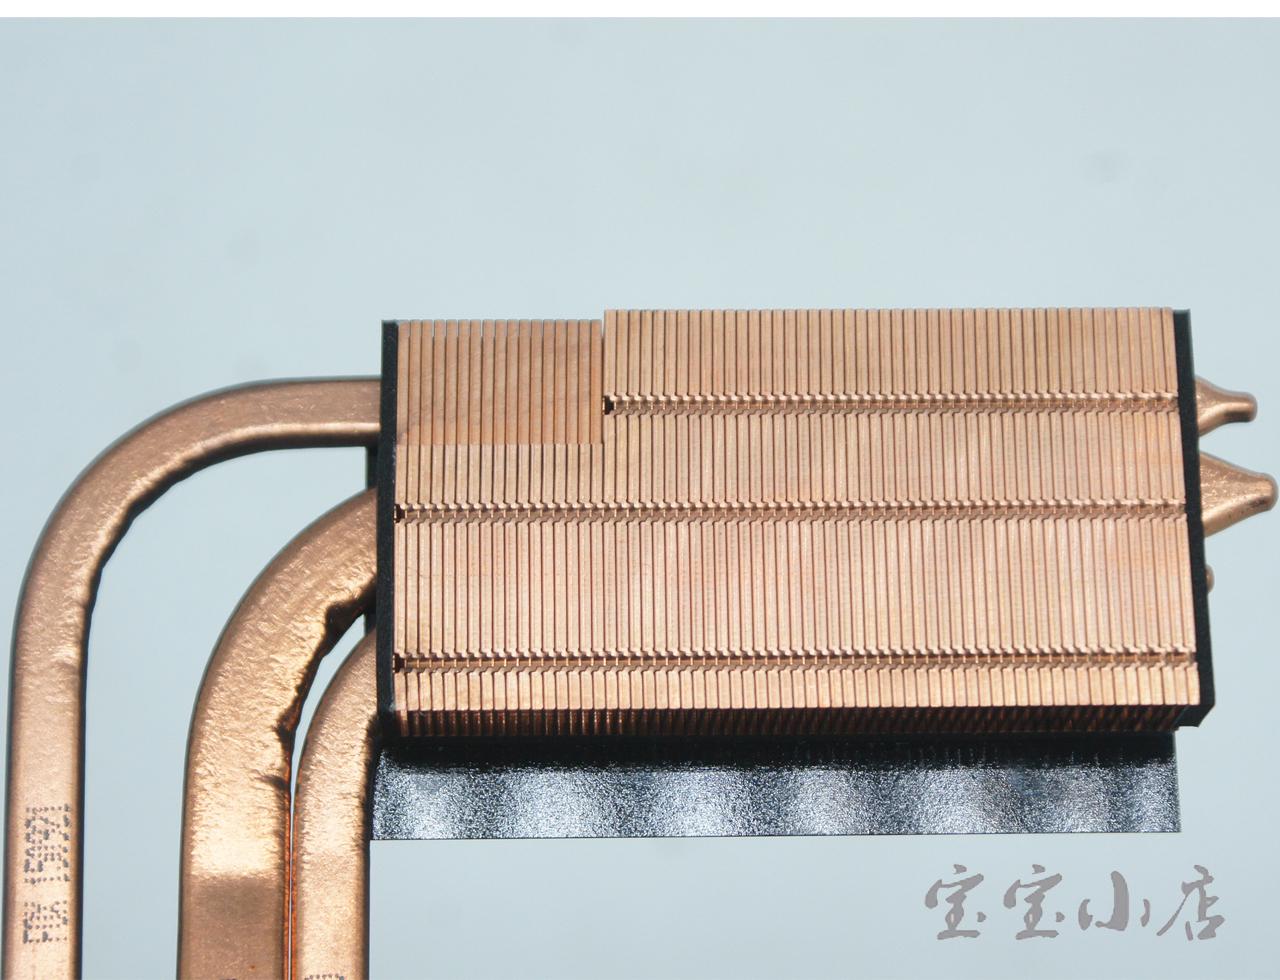 全新蓝天Clevo P870 P870DM-G  VGA GPU 散热器模组 铜管6-31-P870N-302